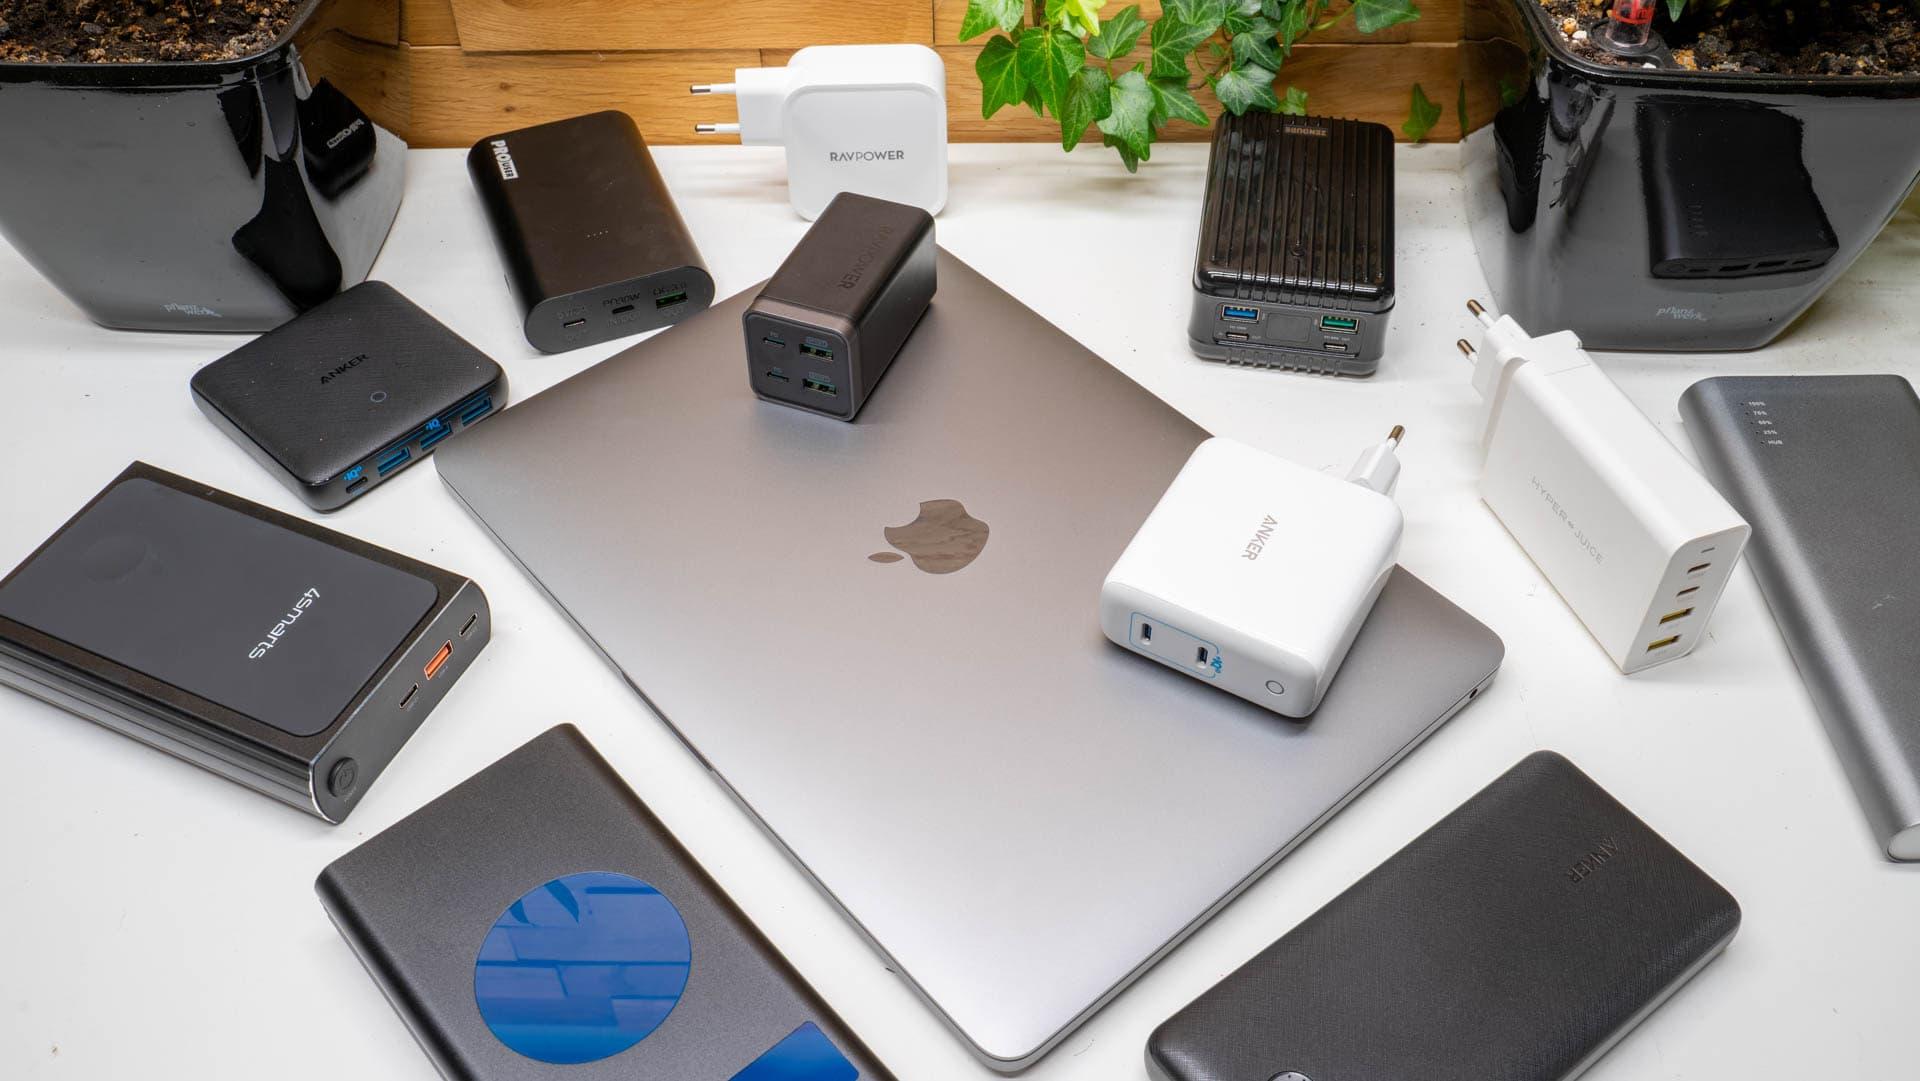 Analyse, Aufladen des neue MacBook Pro 13 M1, welche Powerbank und welche Ladegeräte eignen sich?